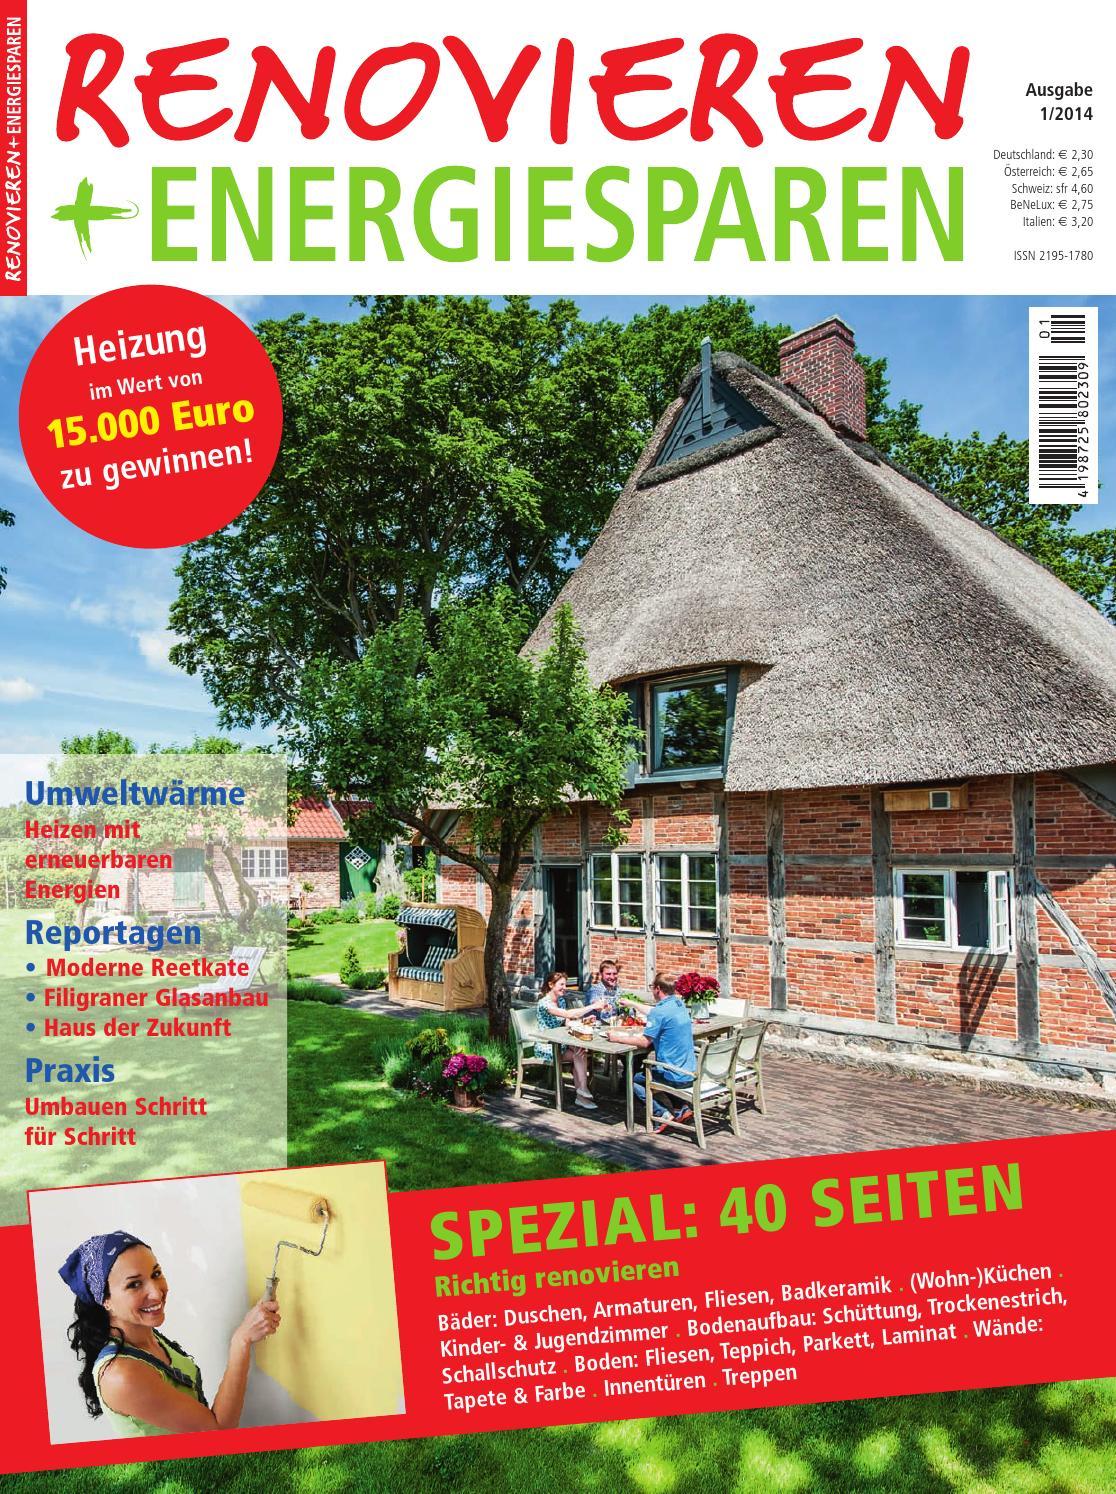 Bäder & küchen 2014 by family home verlag gmbh   issuu